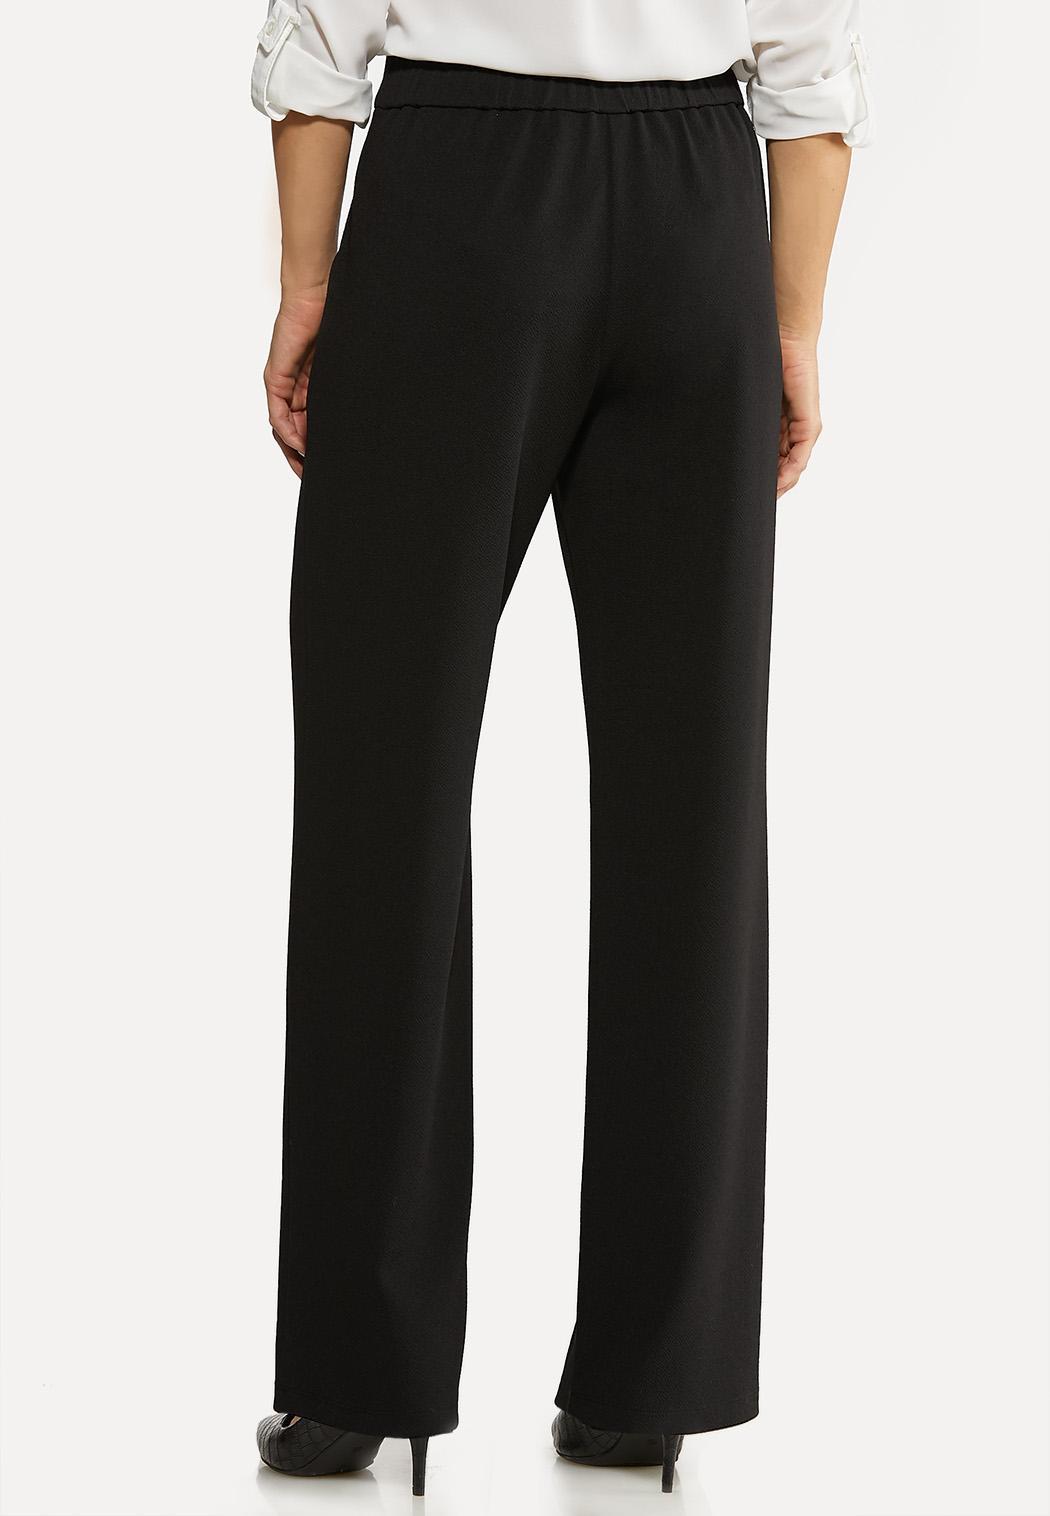 Petite Textured Button Trouser Pants (Item #44088643)